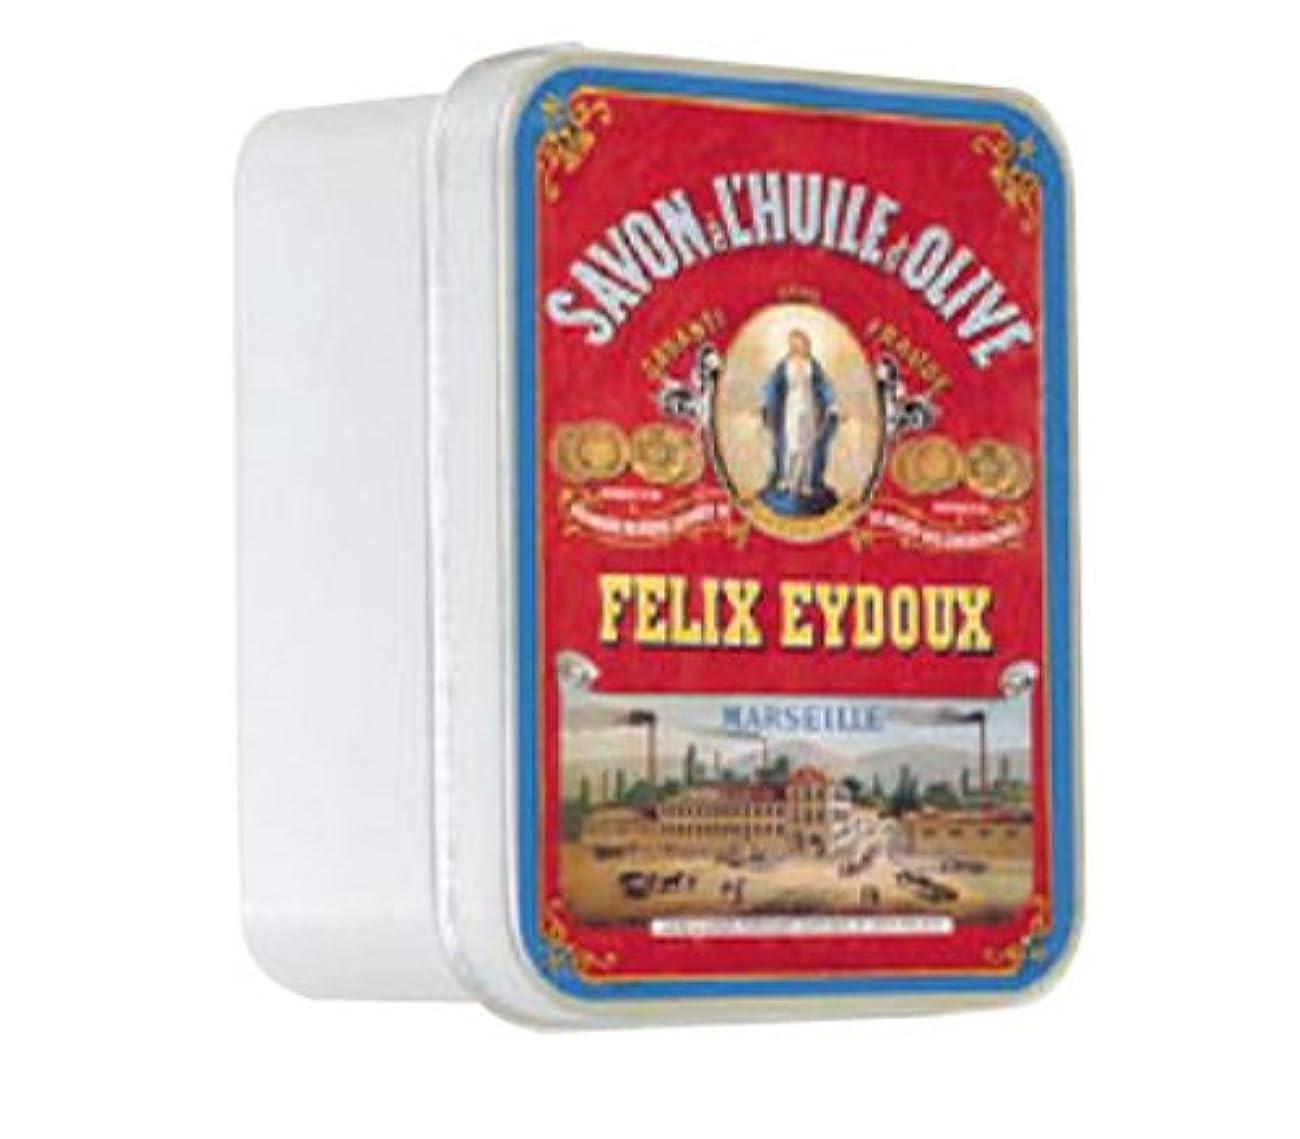 緯度メンター印刷するルブランソープ メタルボックス(マルセイユソープ?オリーブの香り)石鹸